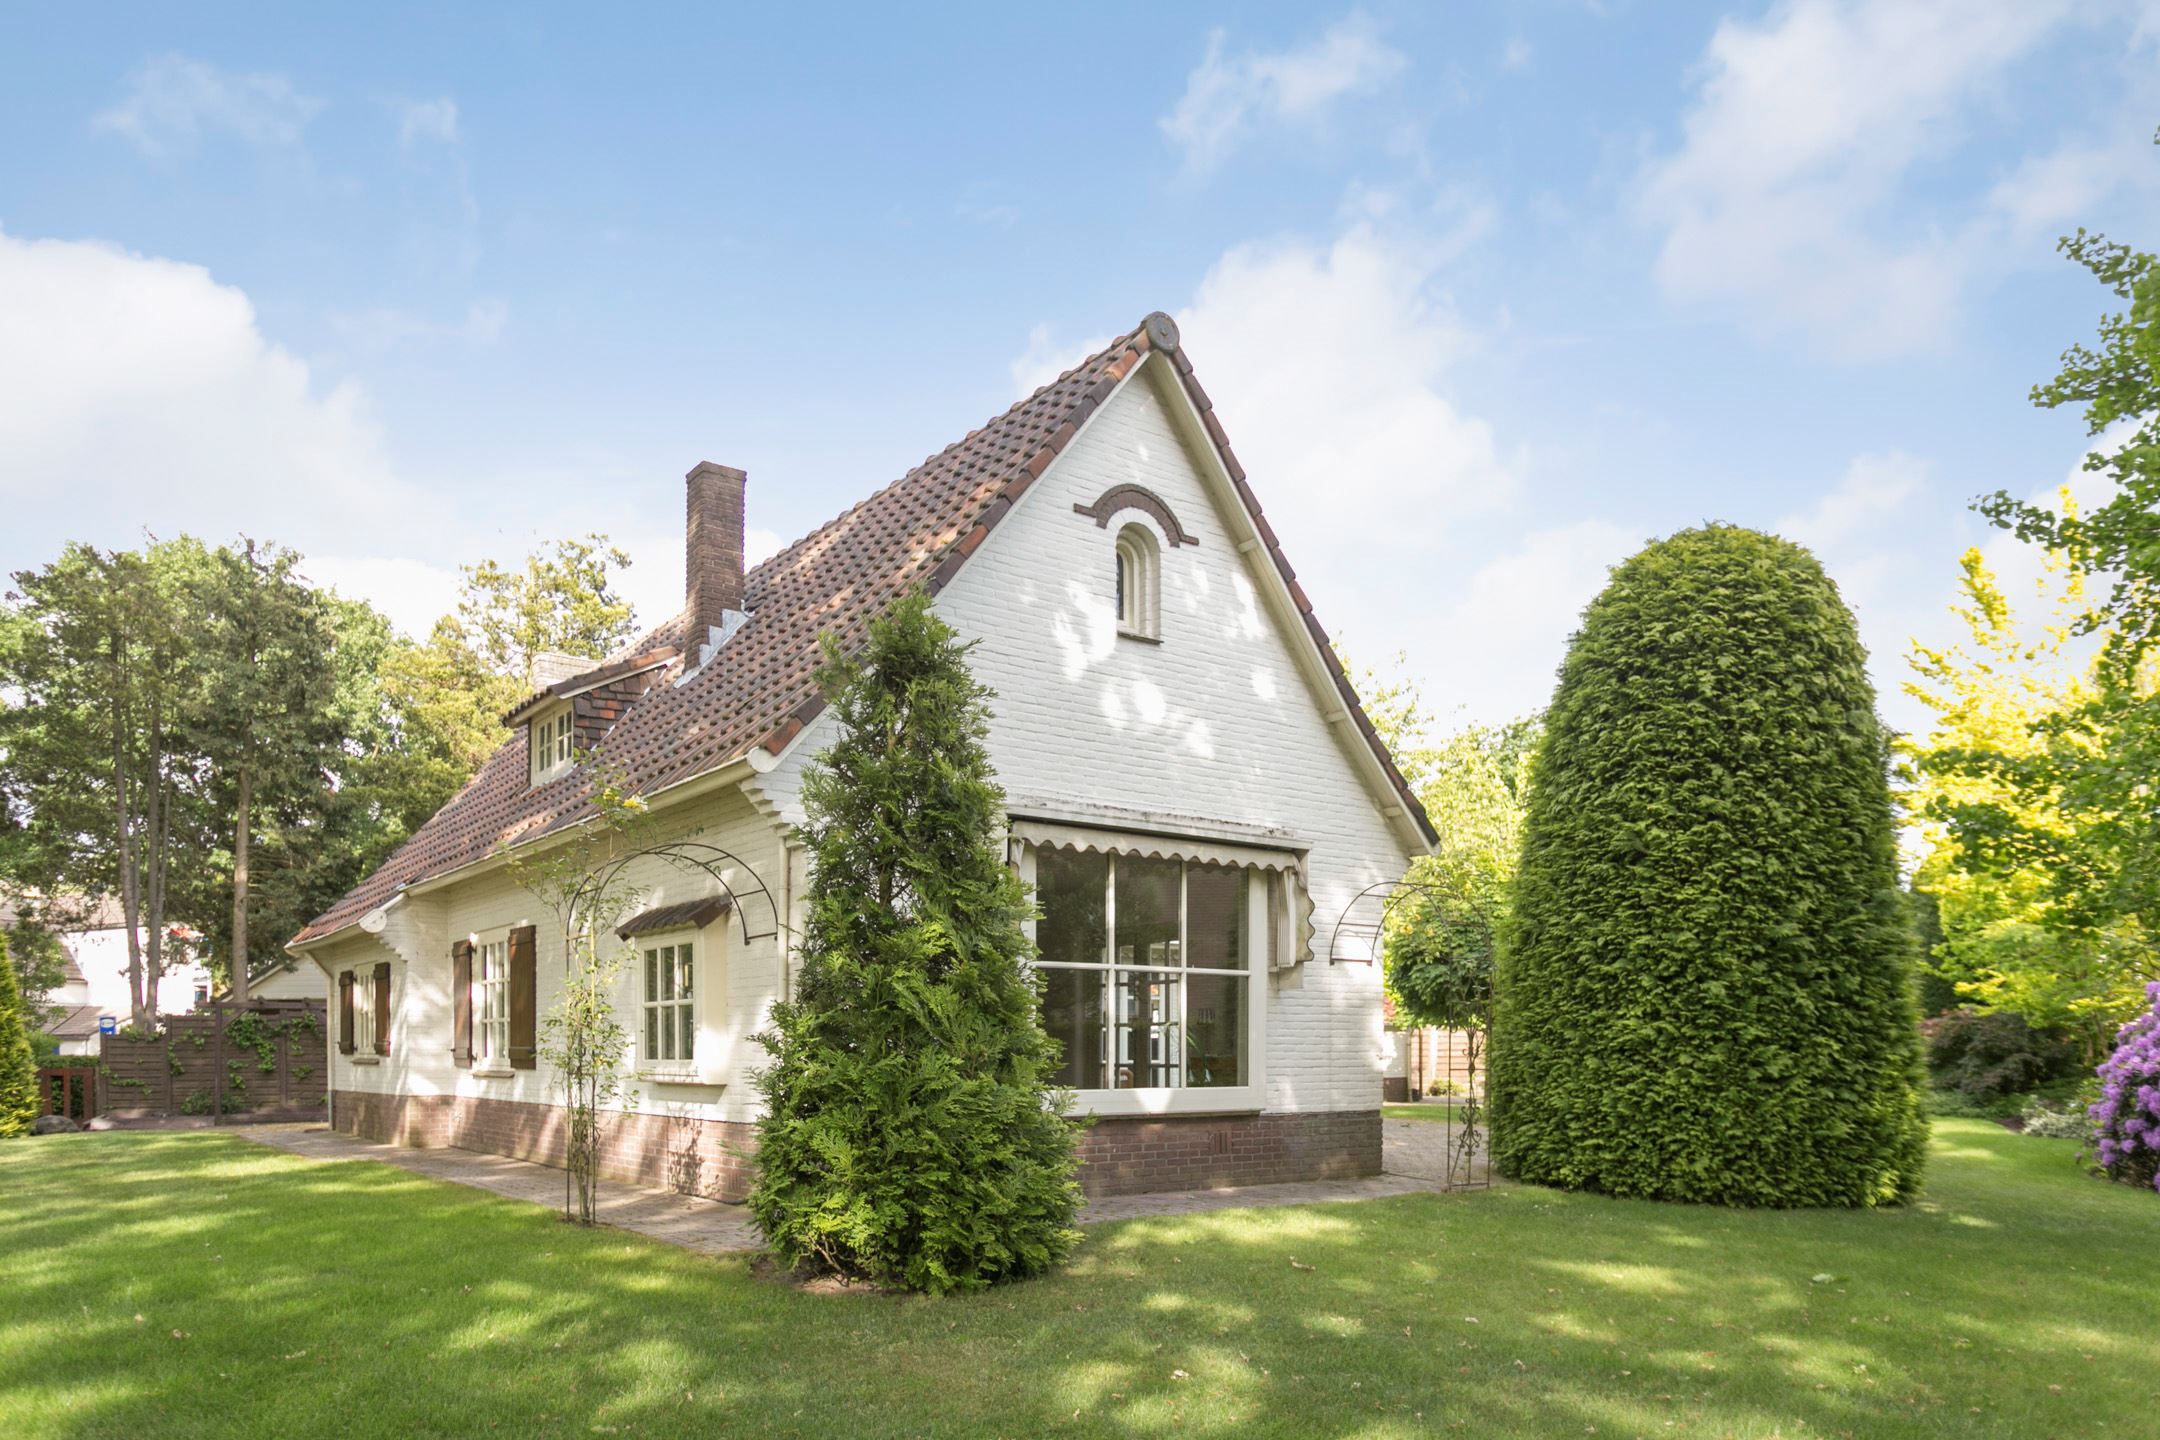 Huis te koop: torenlaan 1 3742 cr baarn [funda]